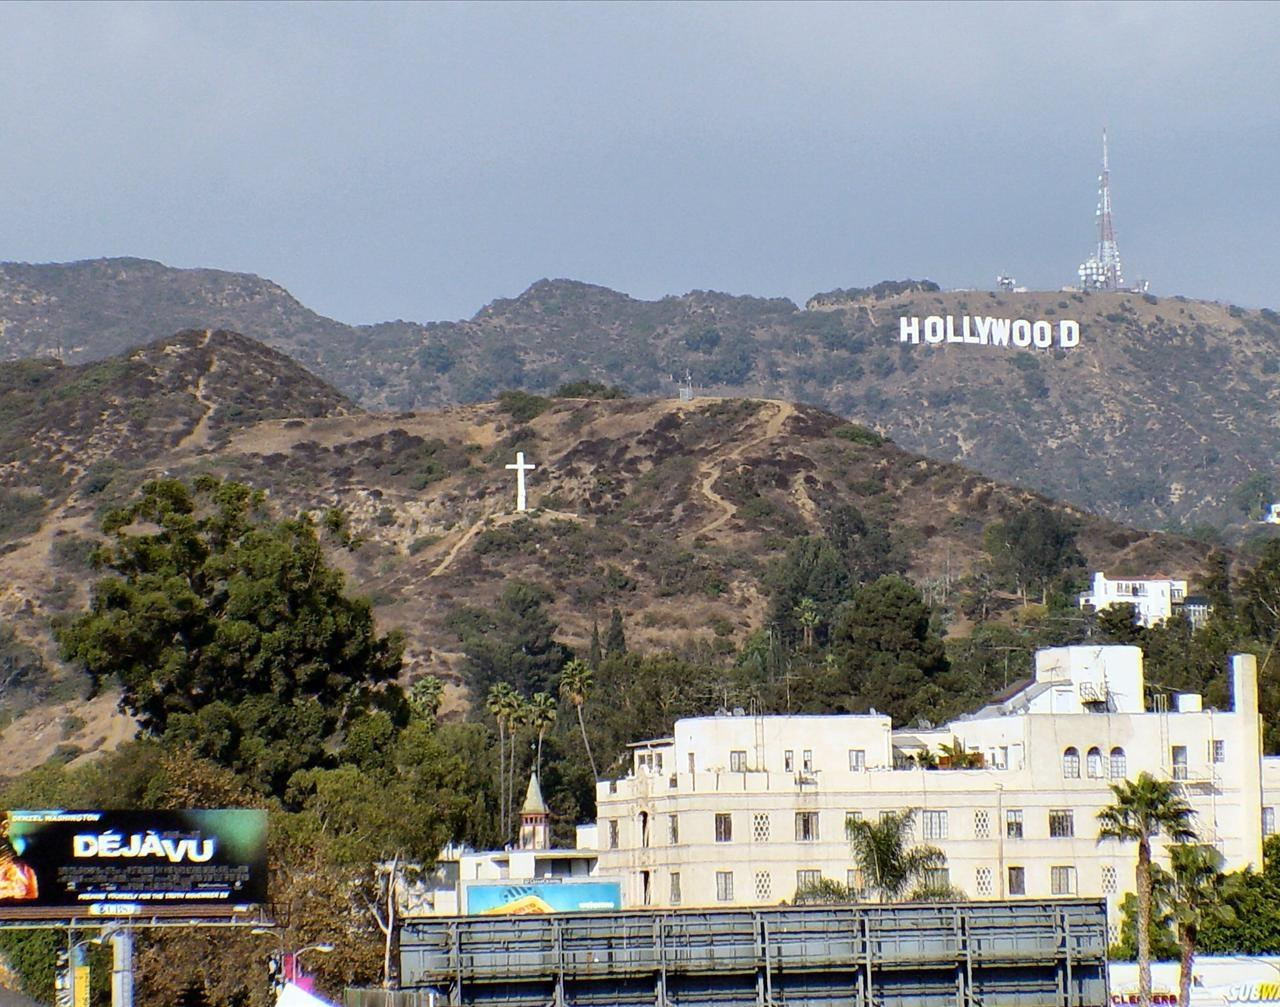 Safari Bedroom Hollywood Hills Wallpaper Wallpapersafari